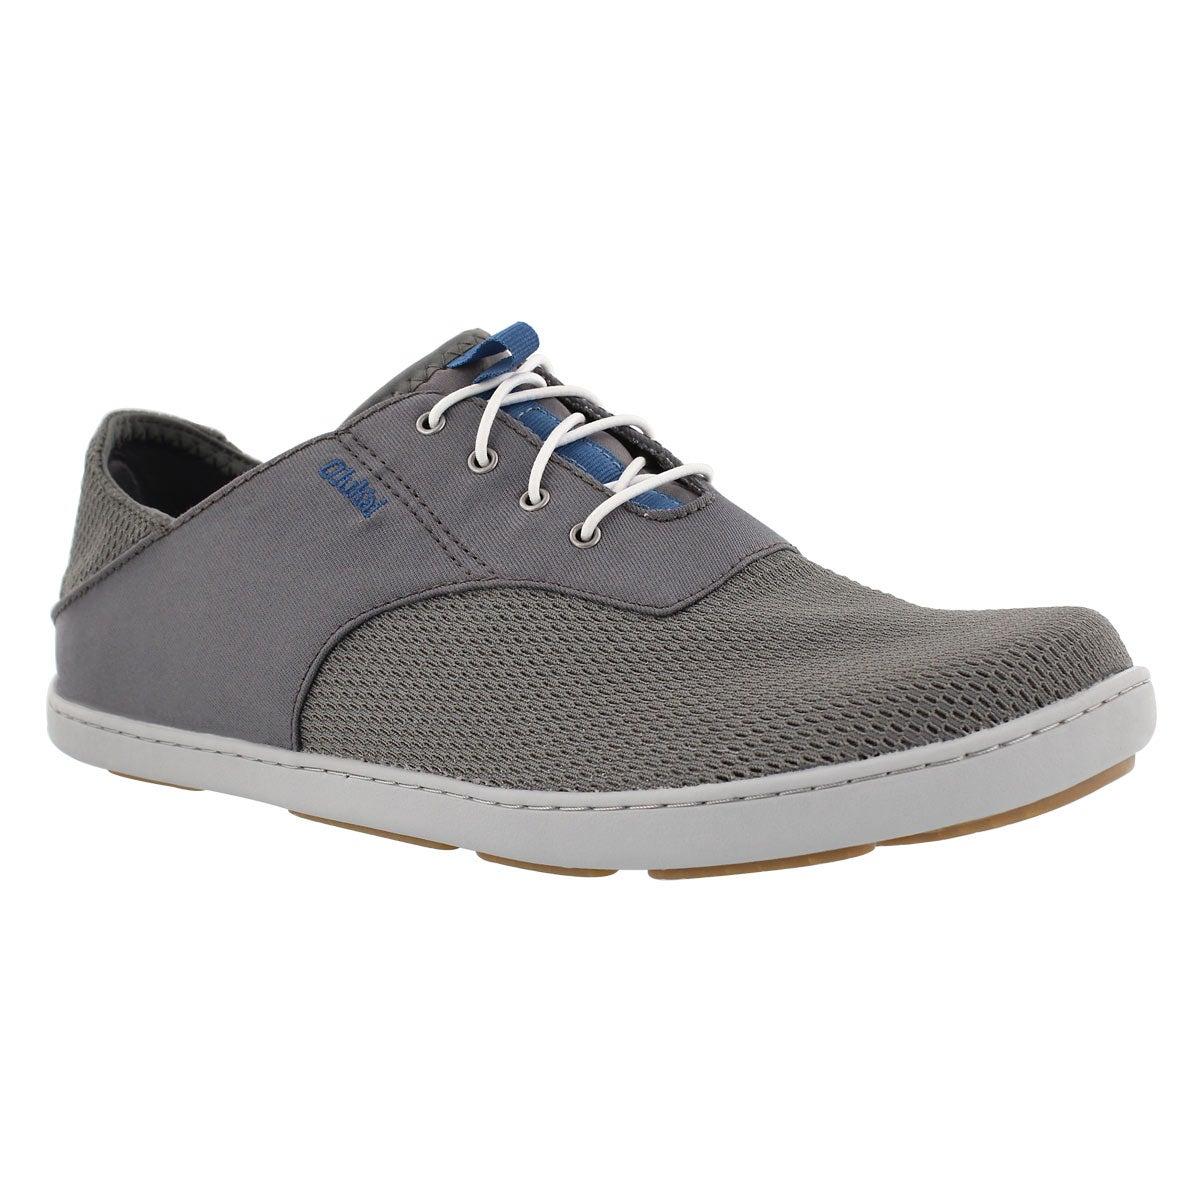 Men's NOHEA MOKU fog/charcoal sneakers